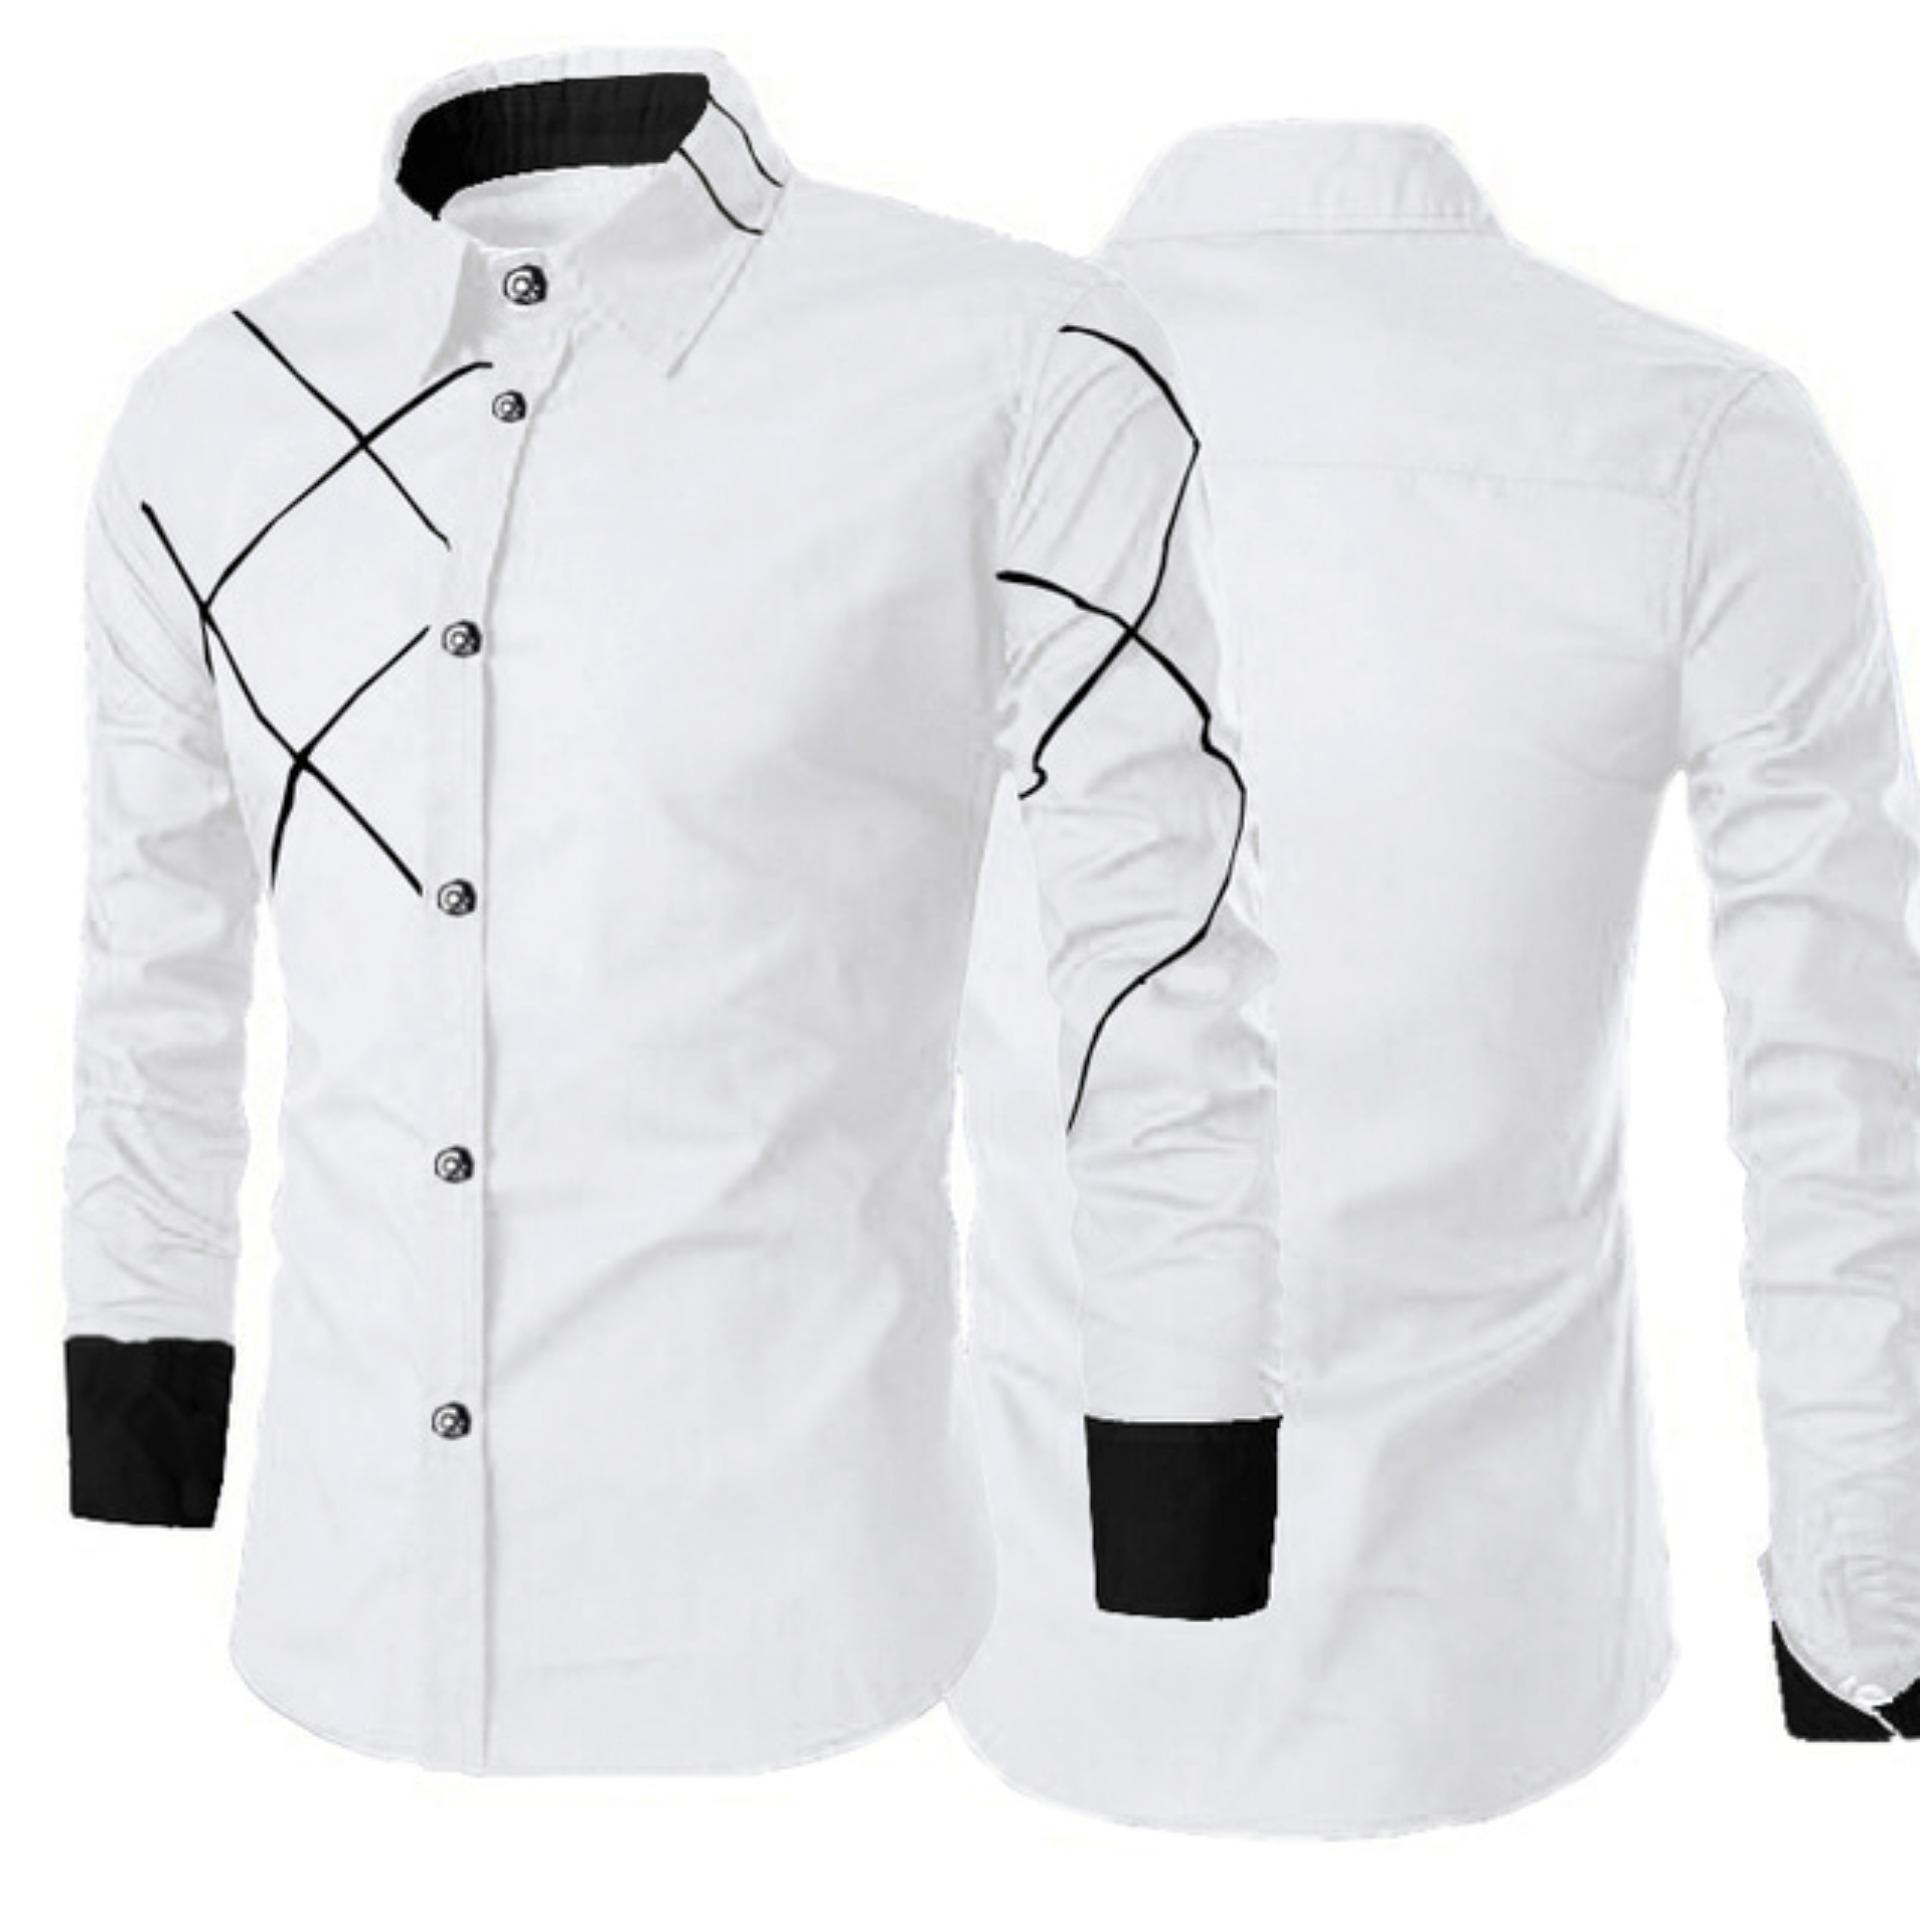 Kemeja Pria Lengan Panjang Delivio Baju Formal Slimfit - [Putih]